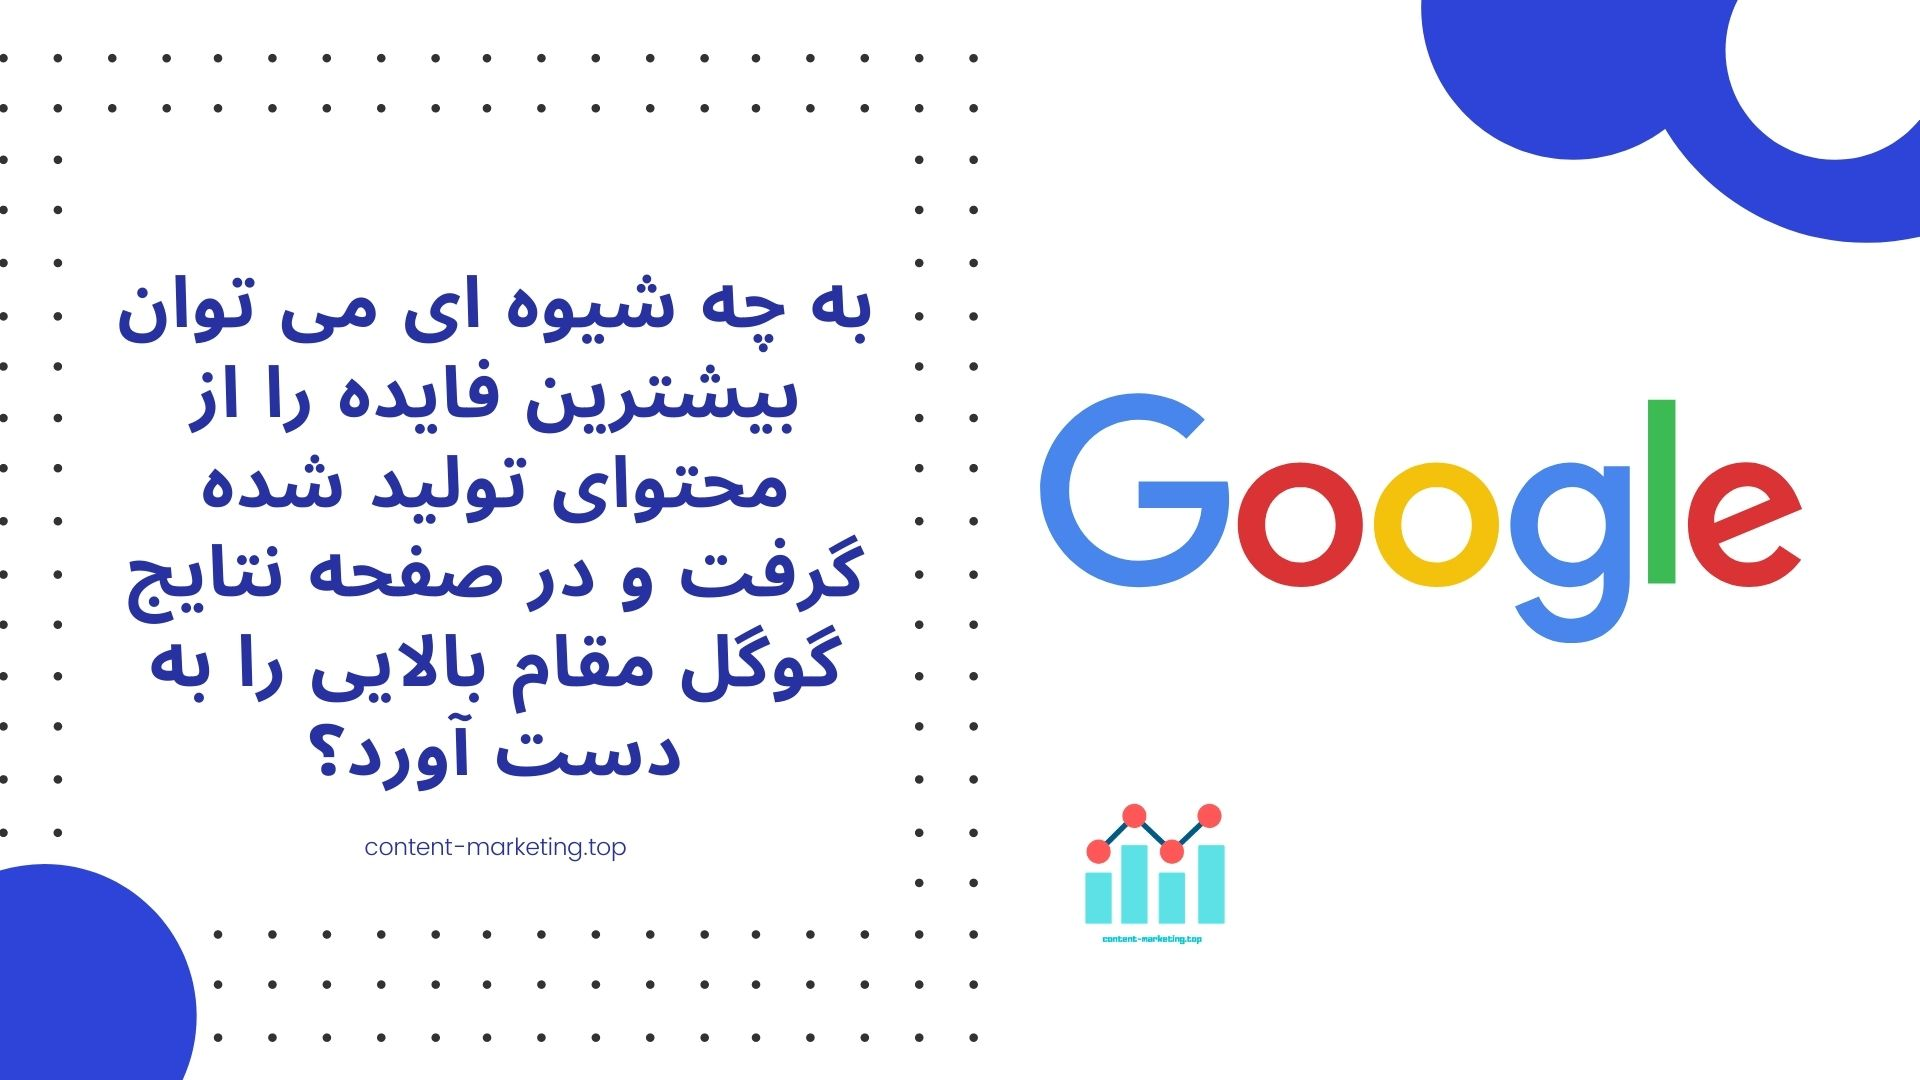 به چه شیوه ای می توان بیشترین فایده را از محتوای تولید شده گرفت و در صفحه نتایج گوگل مقام بالایی را به دست آورد؟